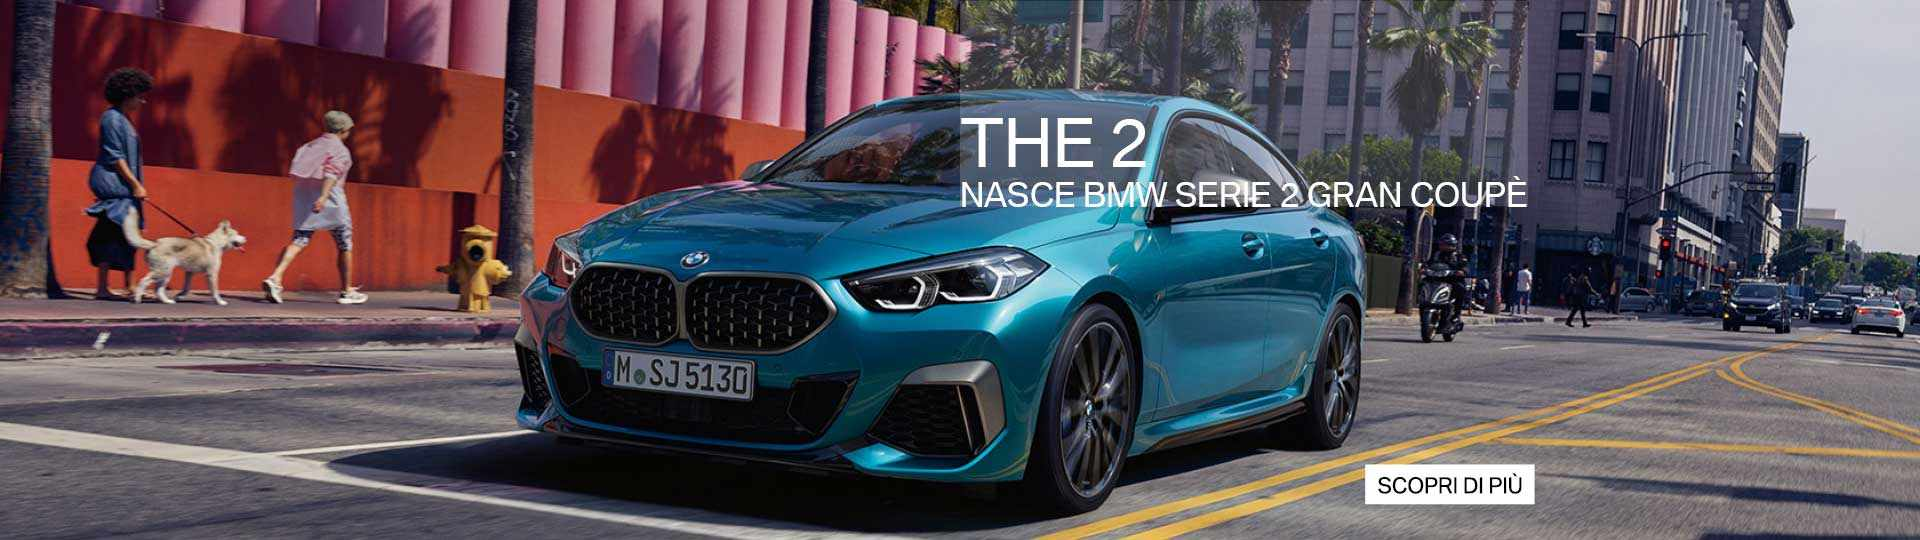 BMW-serie-2-GC-min.jpg